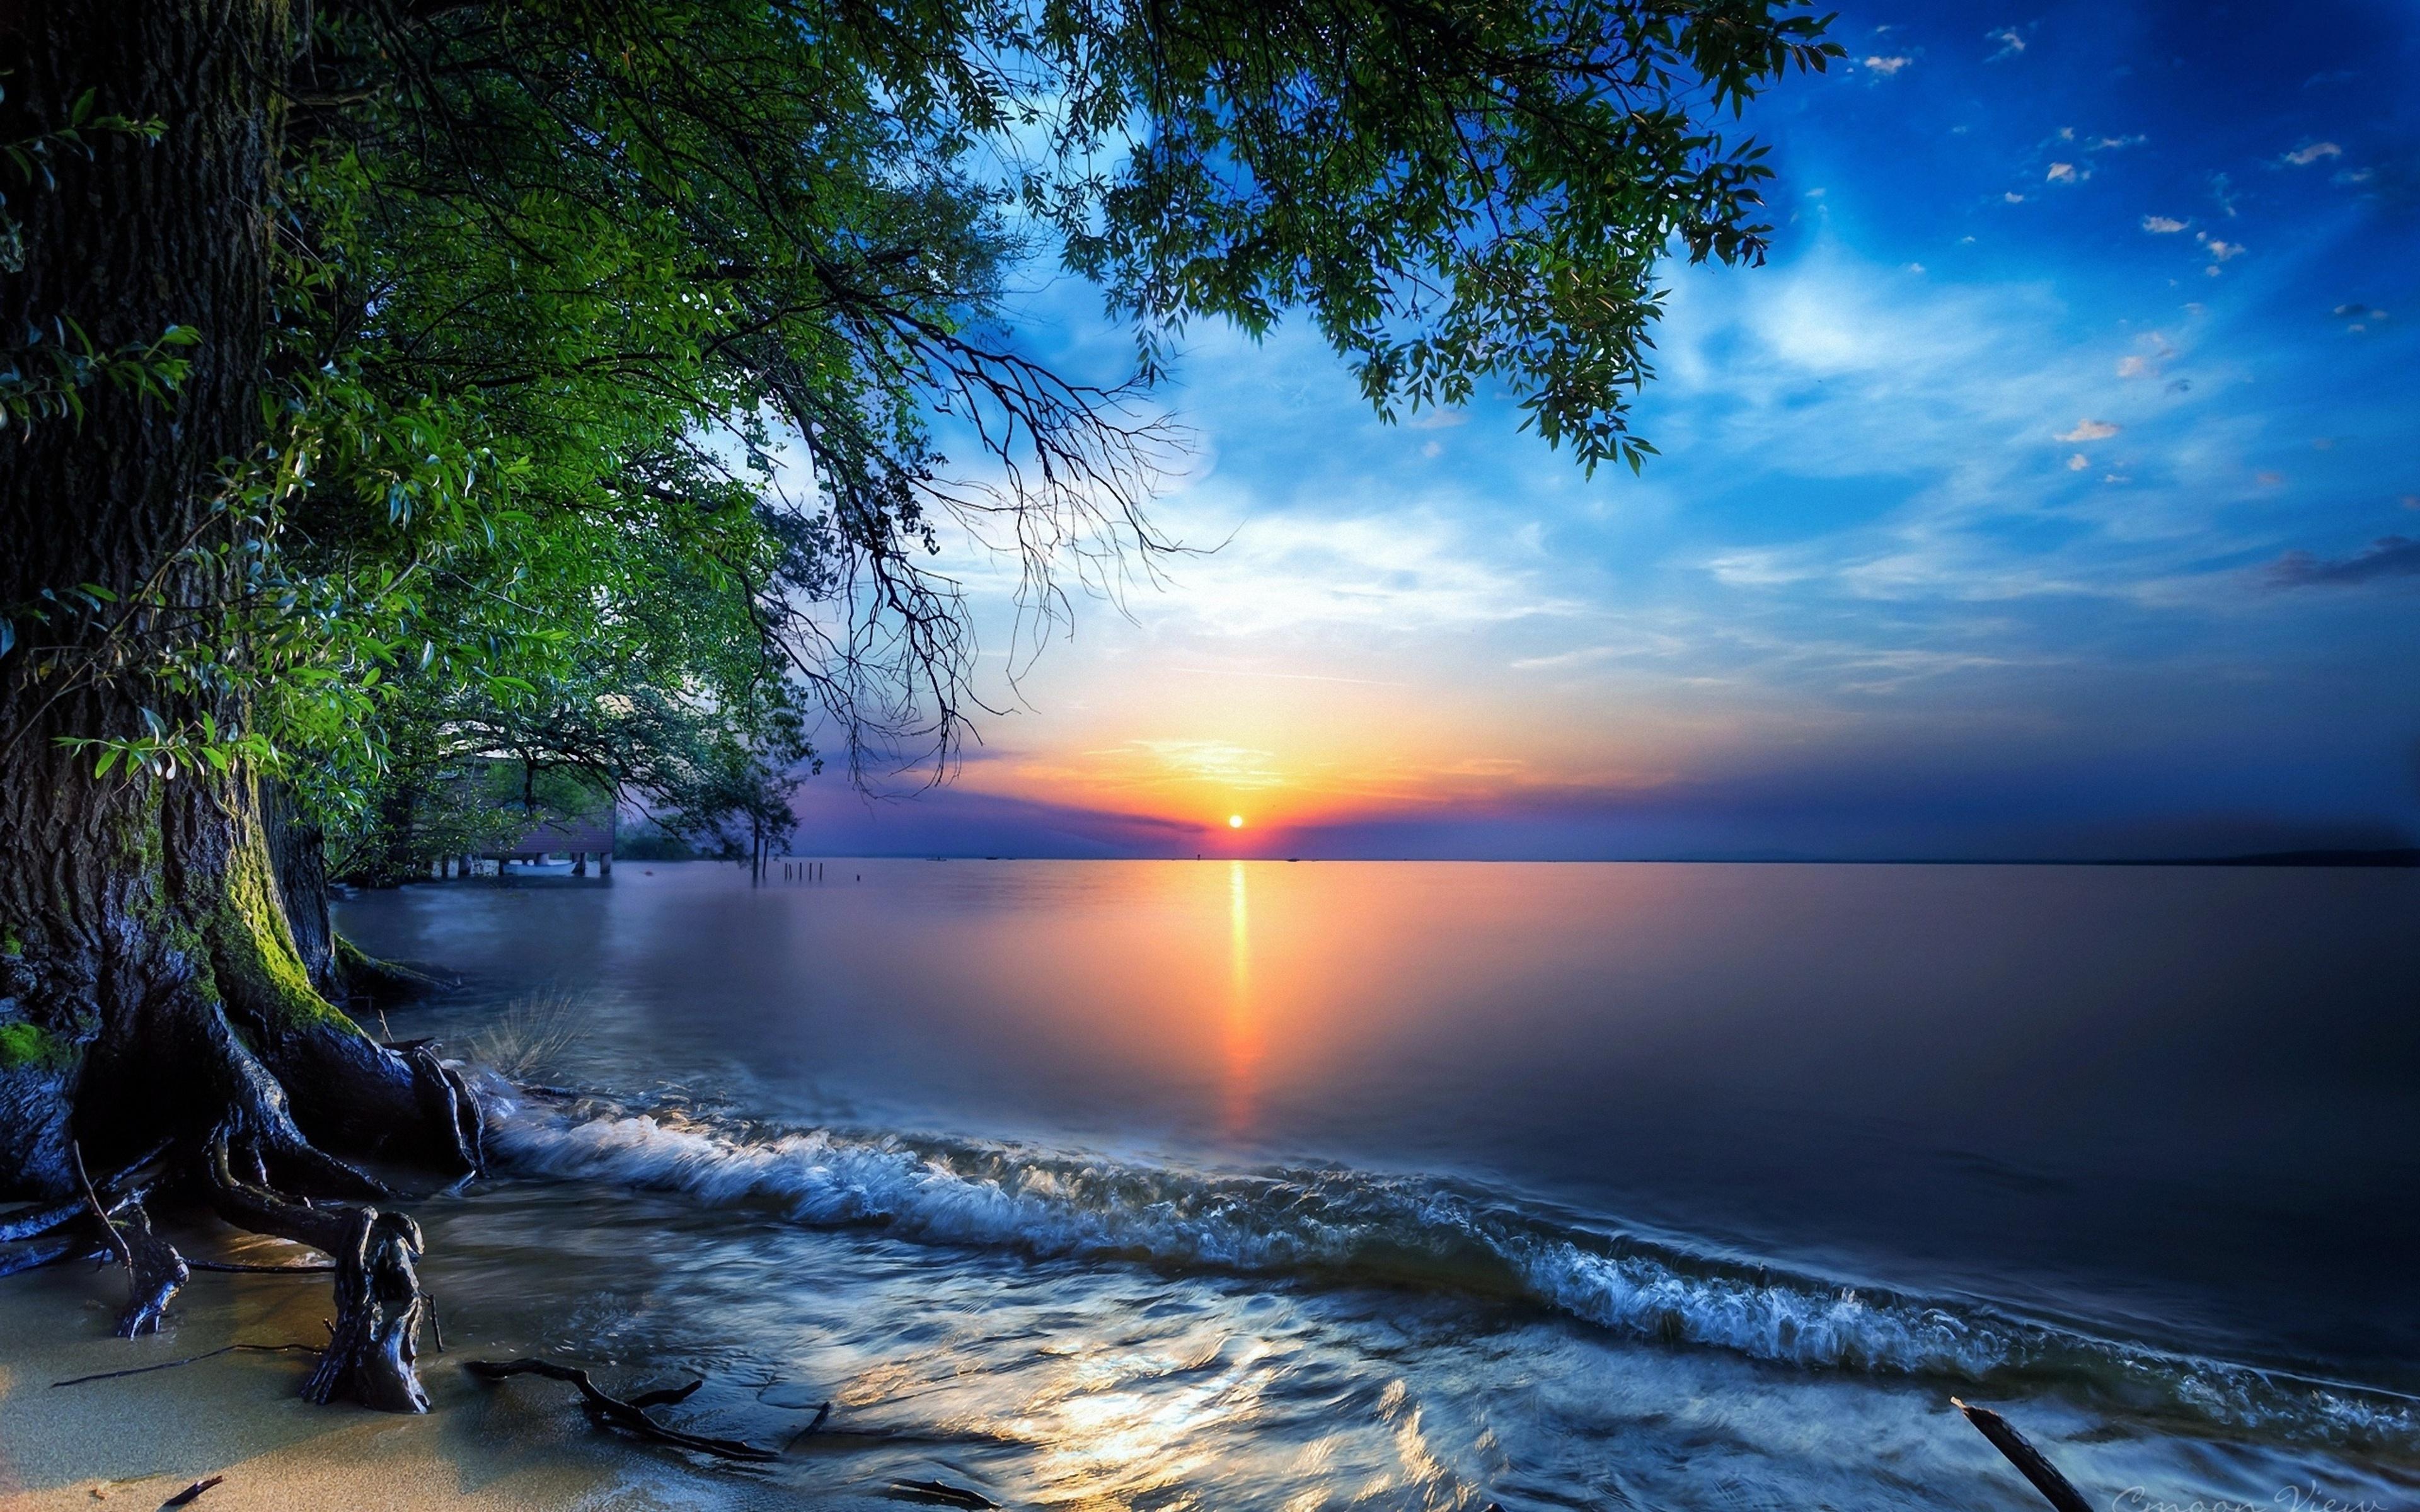 природа море небо горизонт солнце деревья скачать